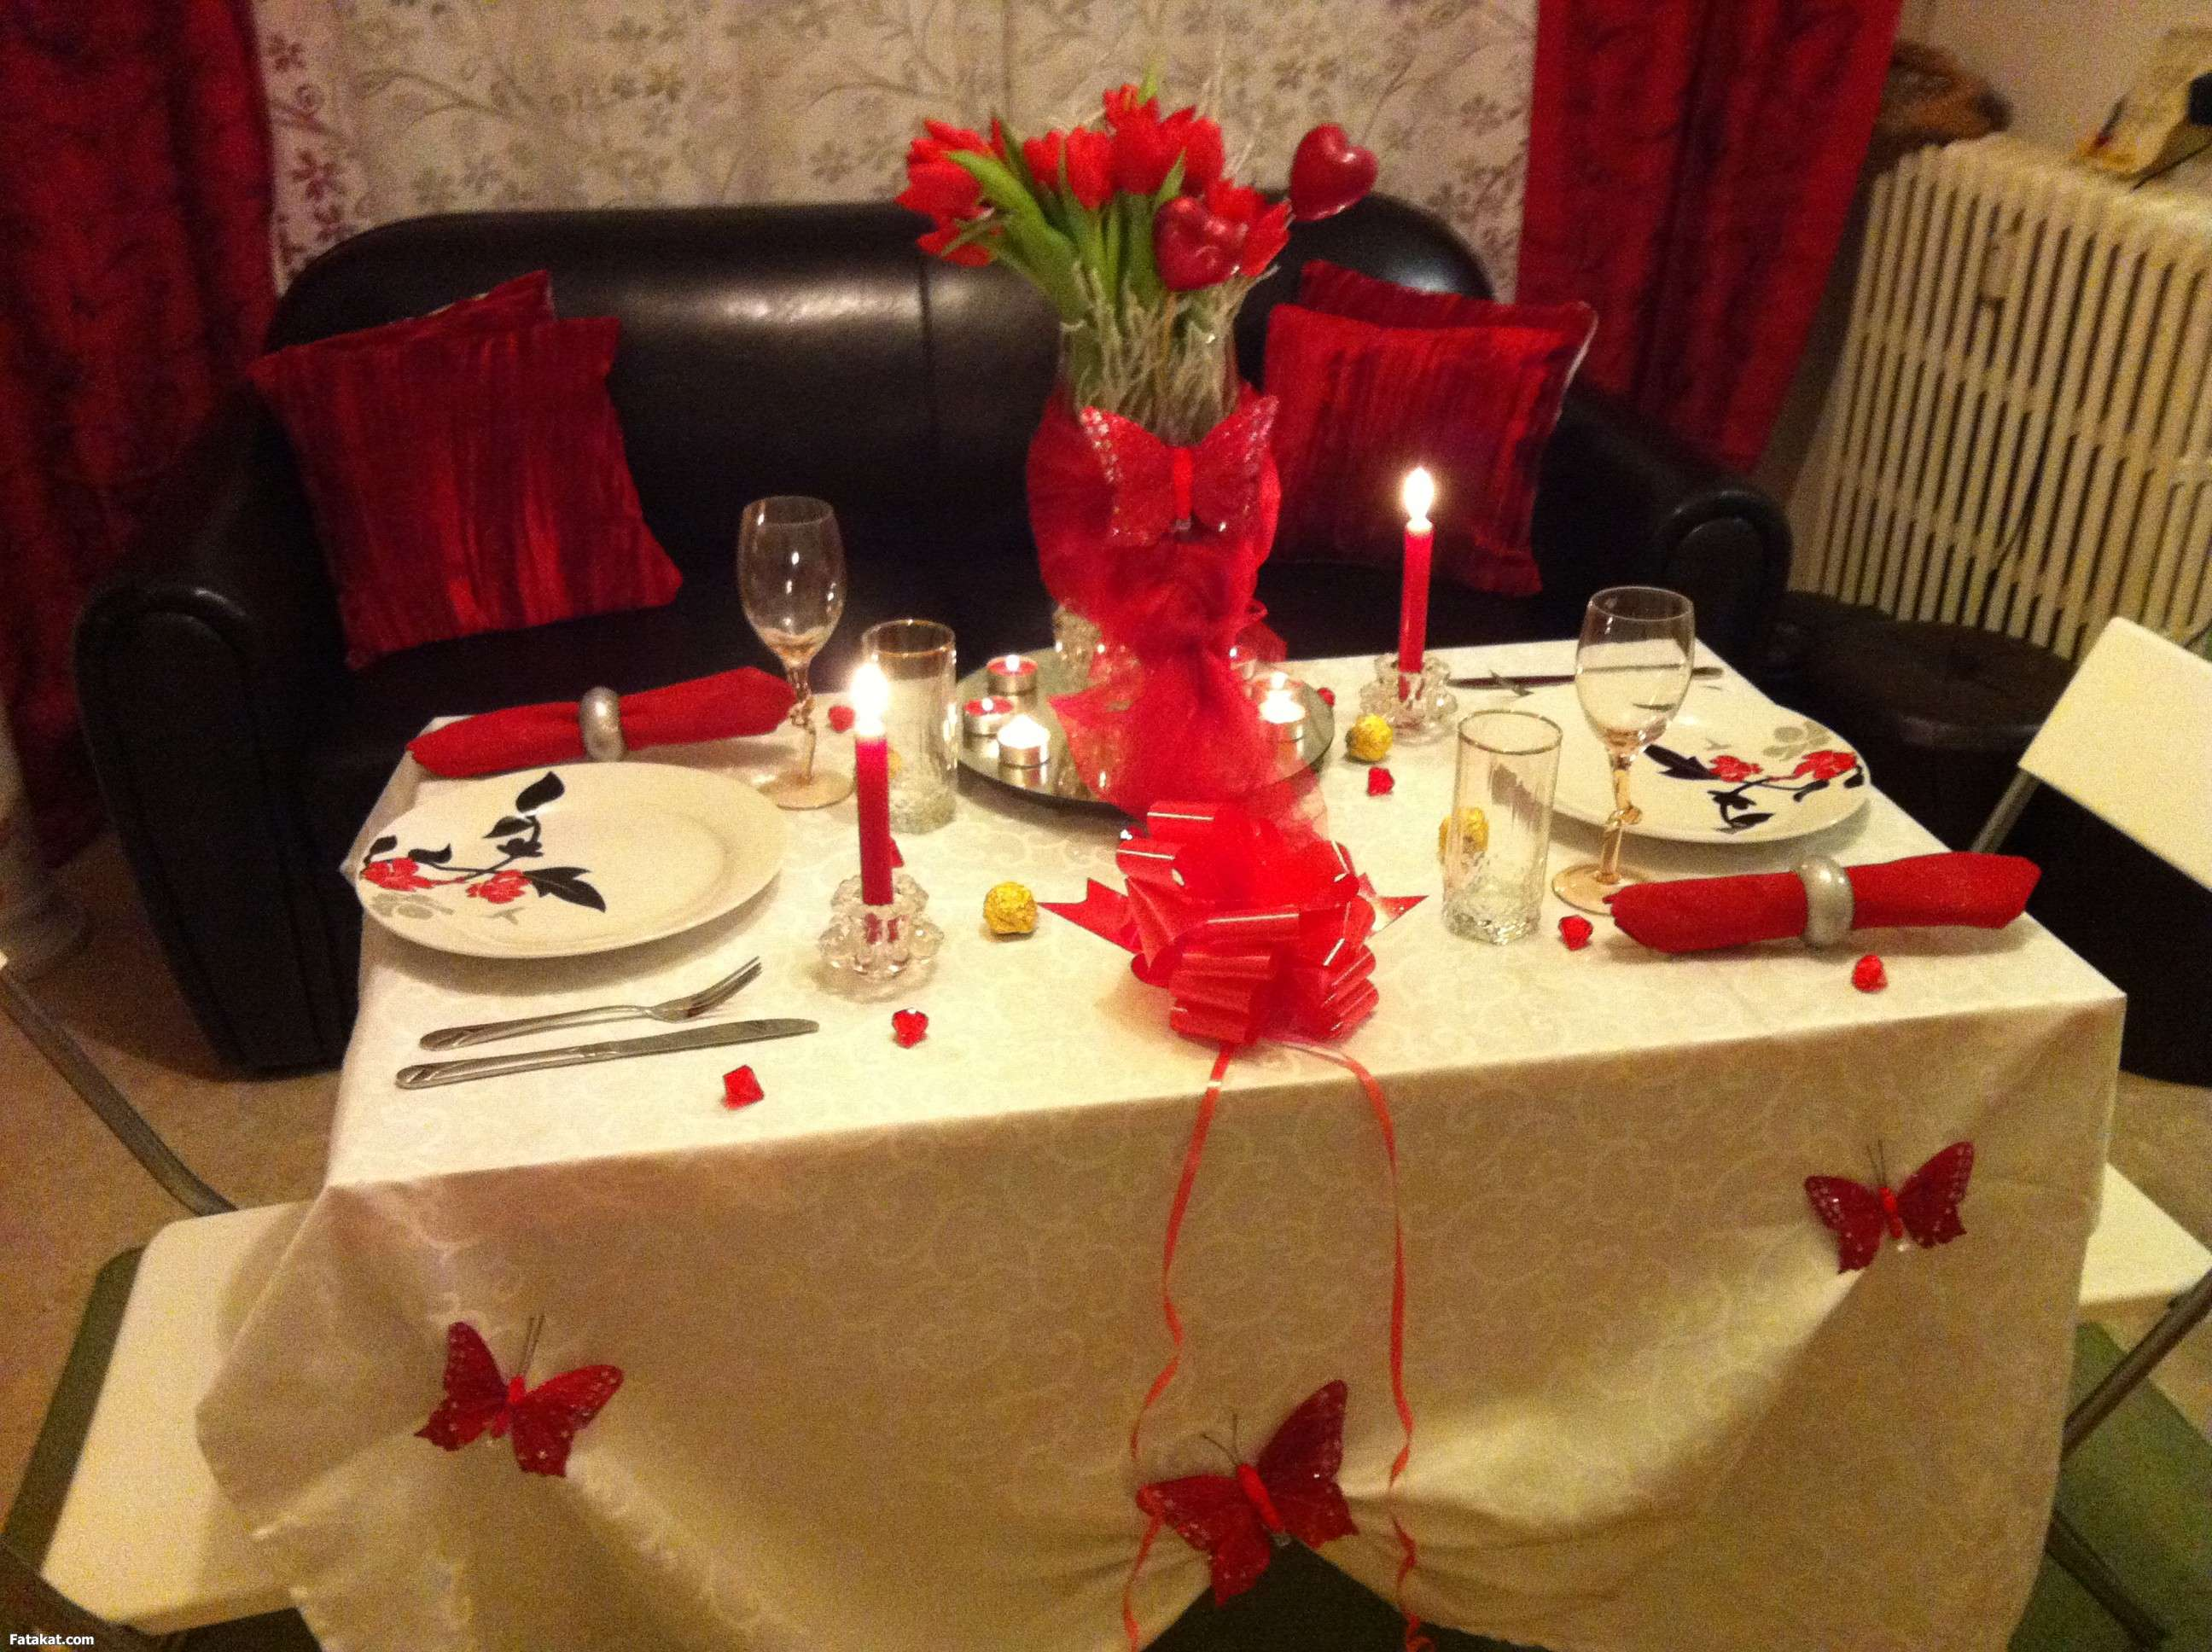 بالصور عشاء رومانسي في البيت , اروع عشاء رومانتيكي بين الزوجين 6711 7